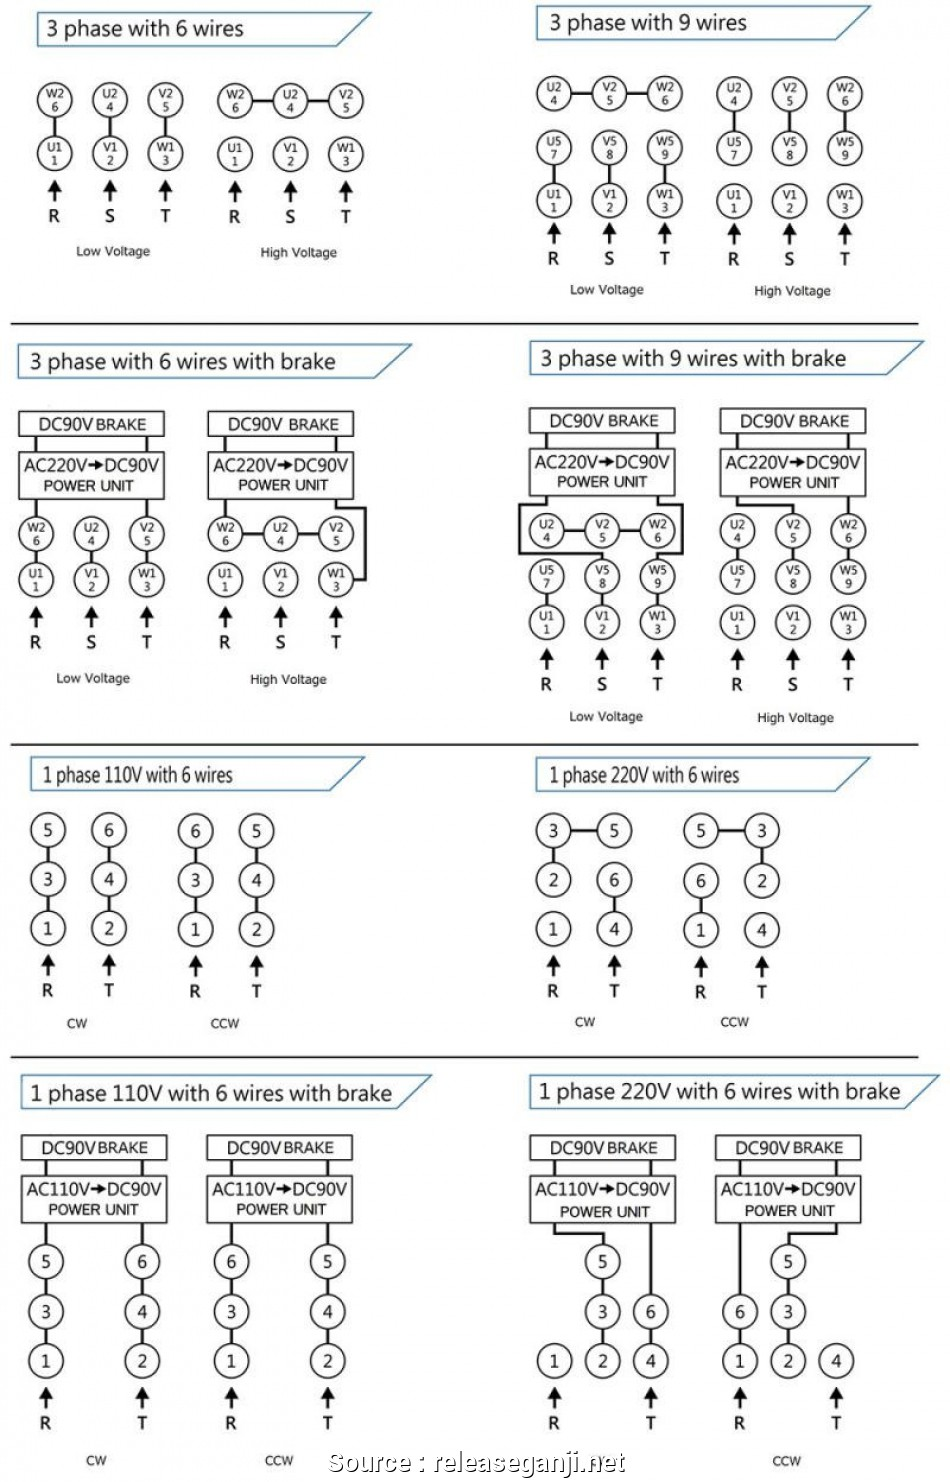 3 phase motor wiring diagram 9 wire dd 9204  3 phase 220v motor wiring diagram  dd 9204  3 phase 220v motor wiring diagram